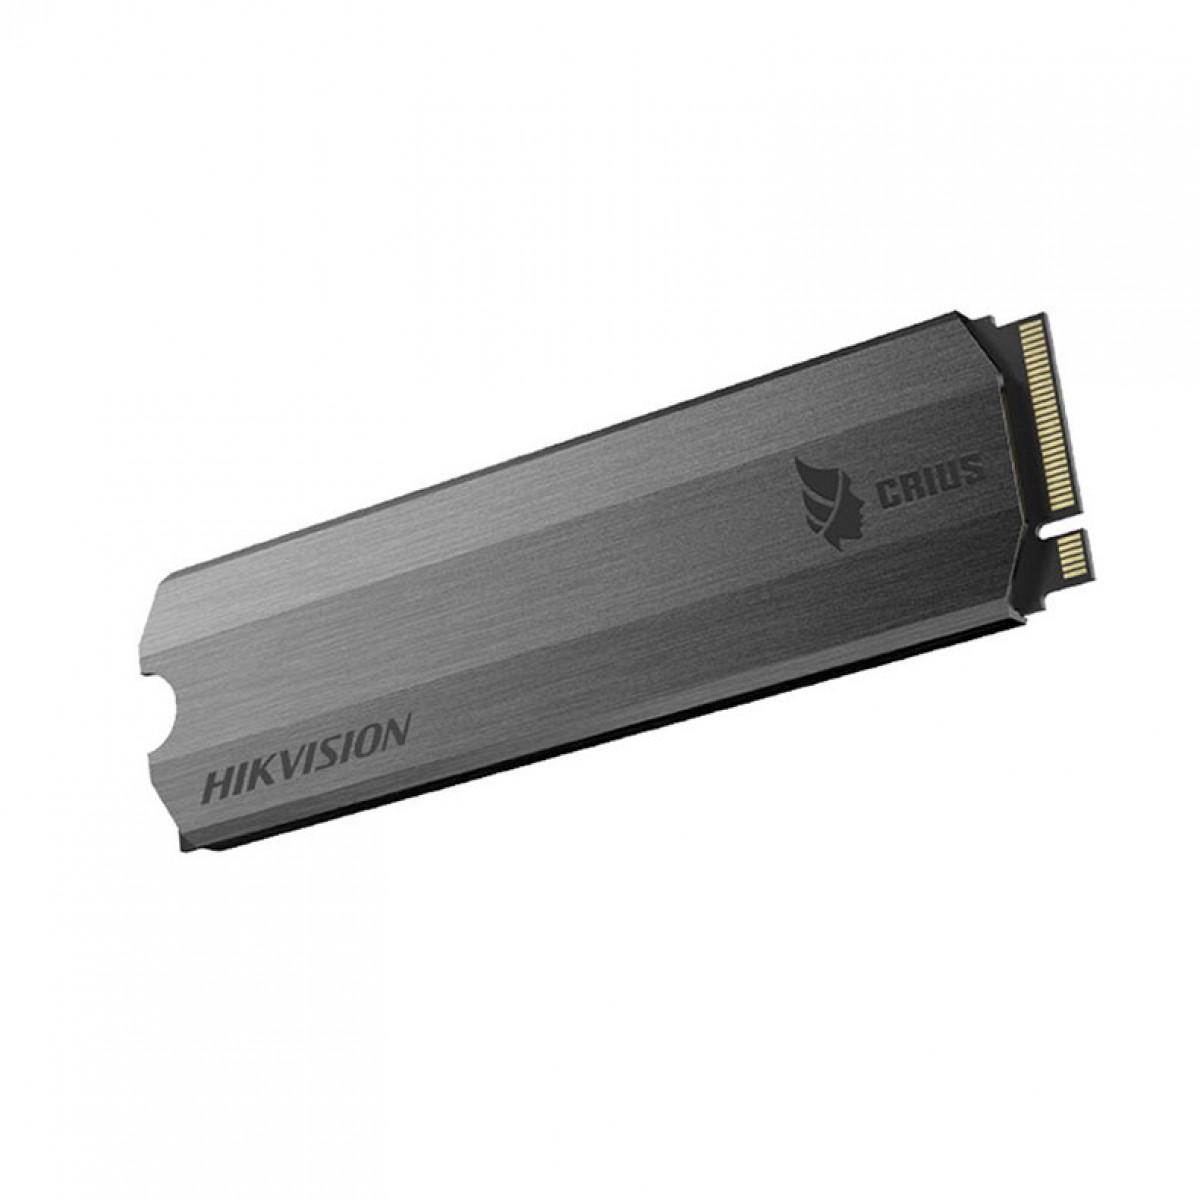 SSD Hikvision E-2000 256GB, M.2 NVME, Leitura 3100MBs e Gravação 1300MBs, HS-SSD-E2000-256GB